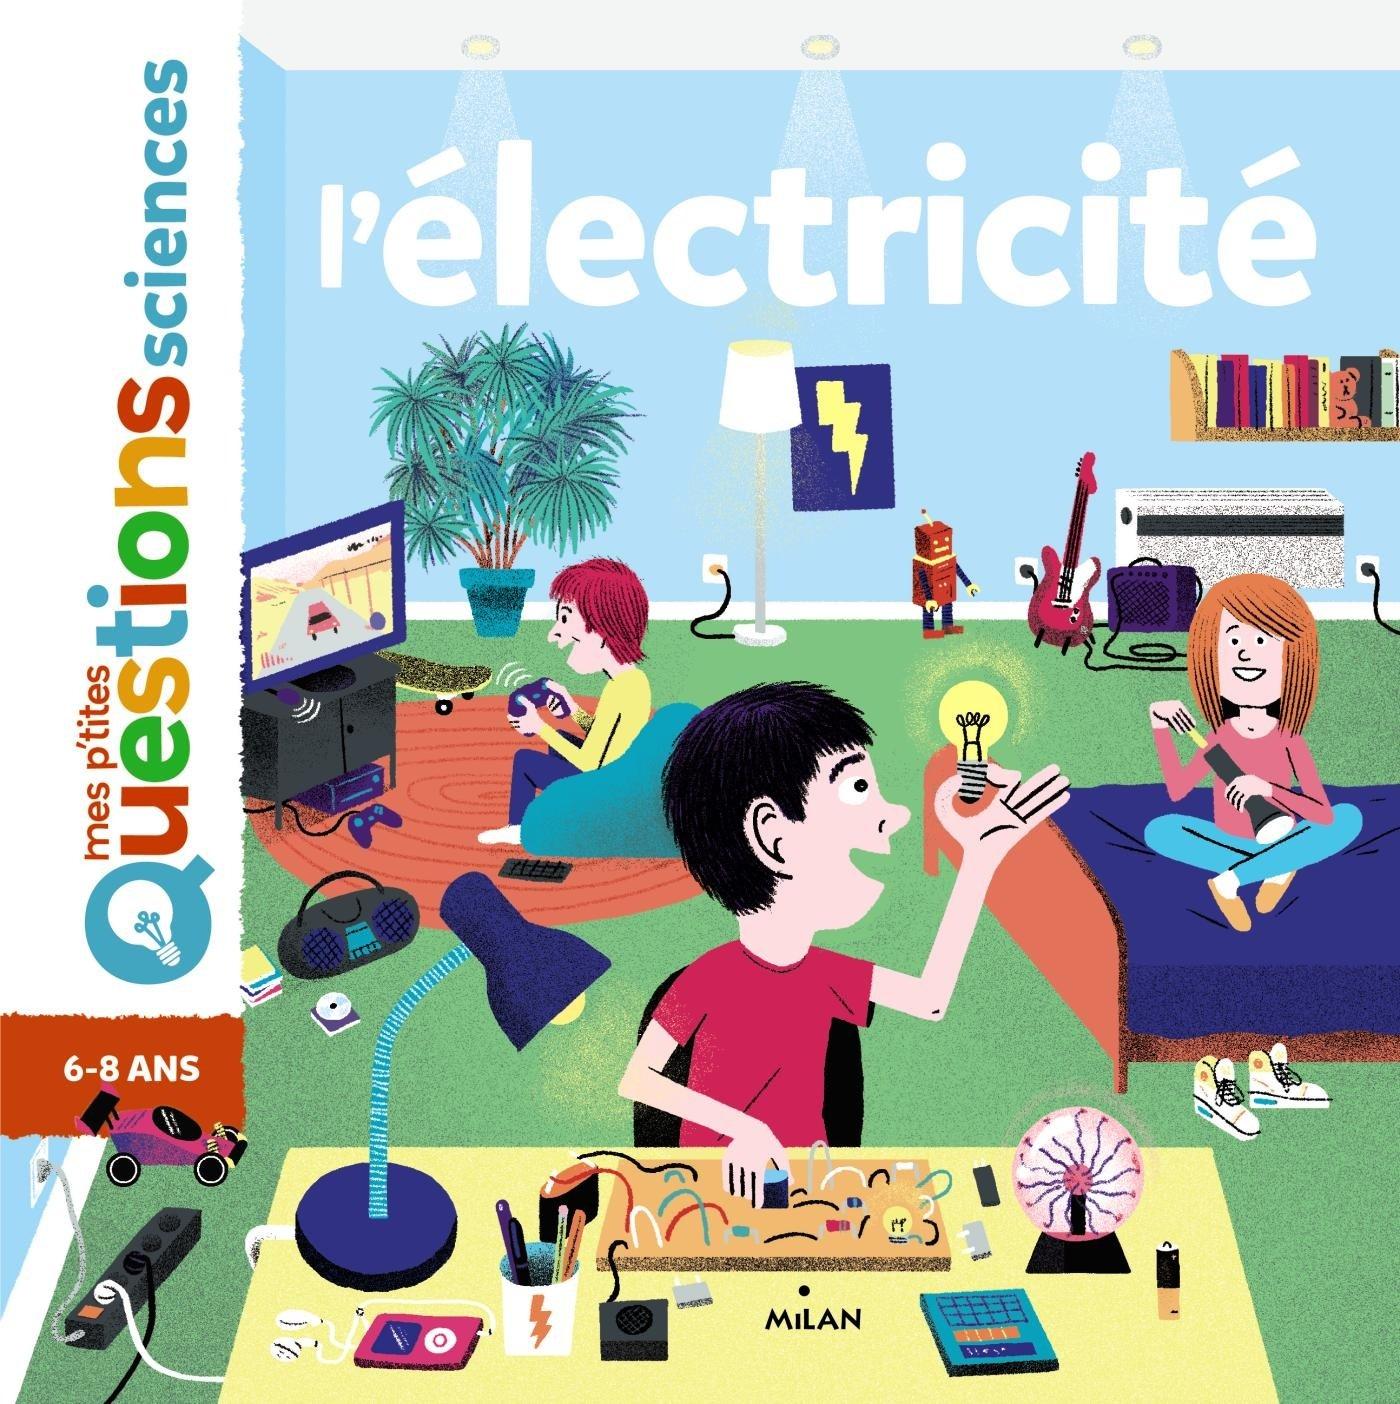 L'électricité Album – 8 février 2017 Cédric Faure Nikol L' électricité Editions Milan